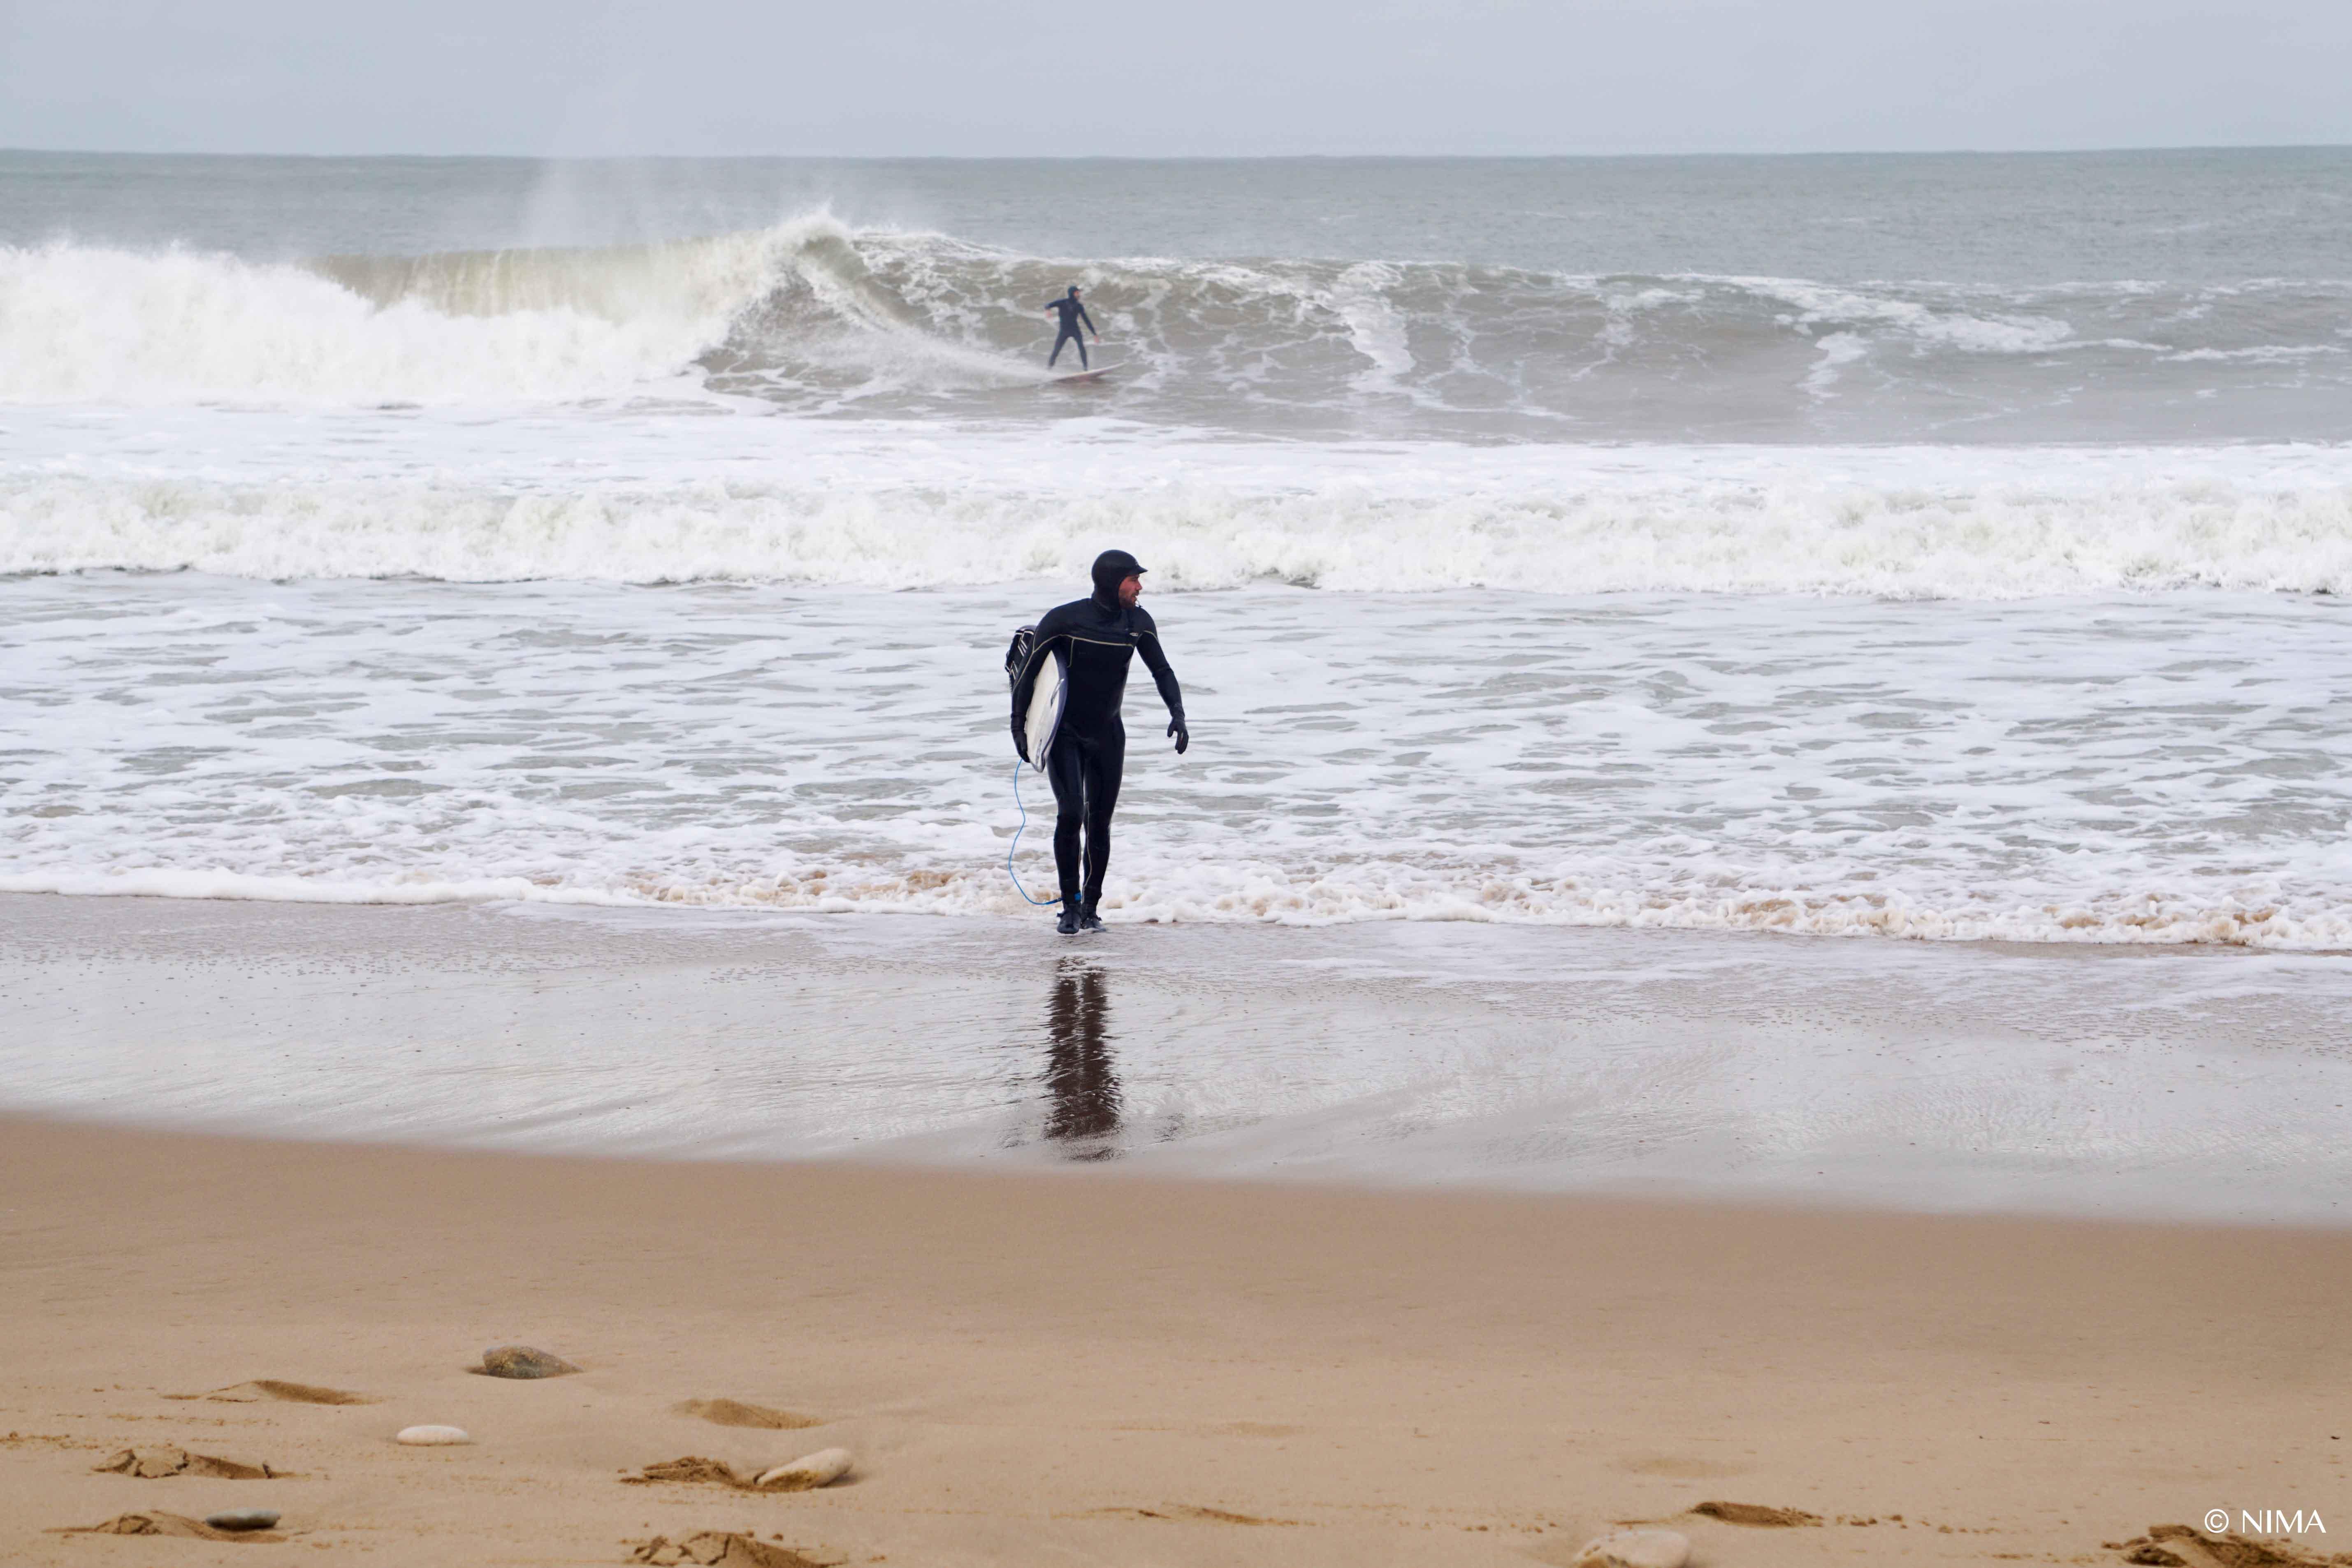 Shorebreakings